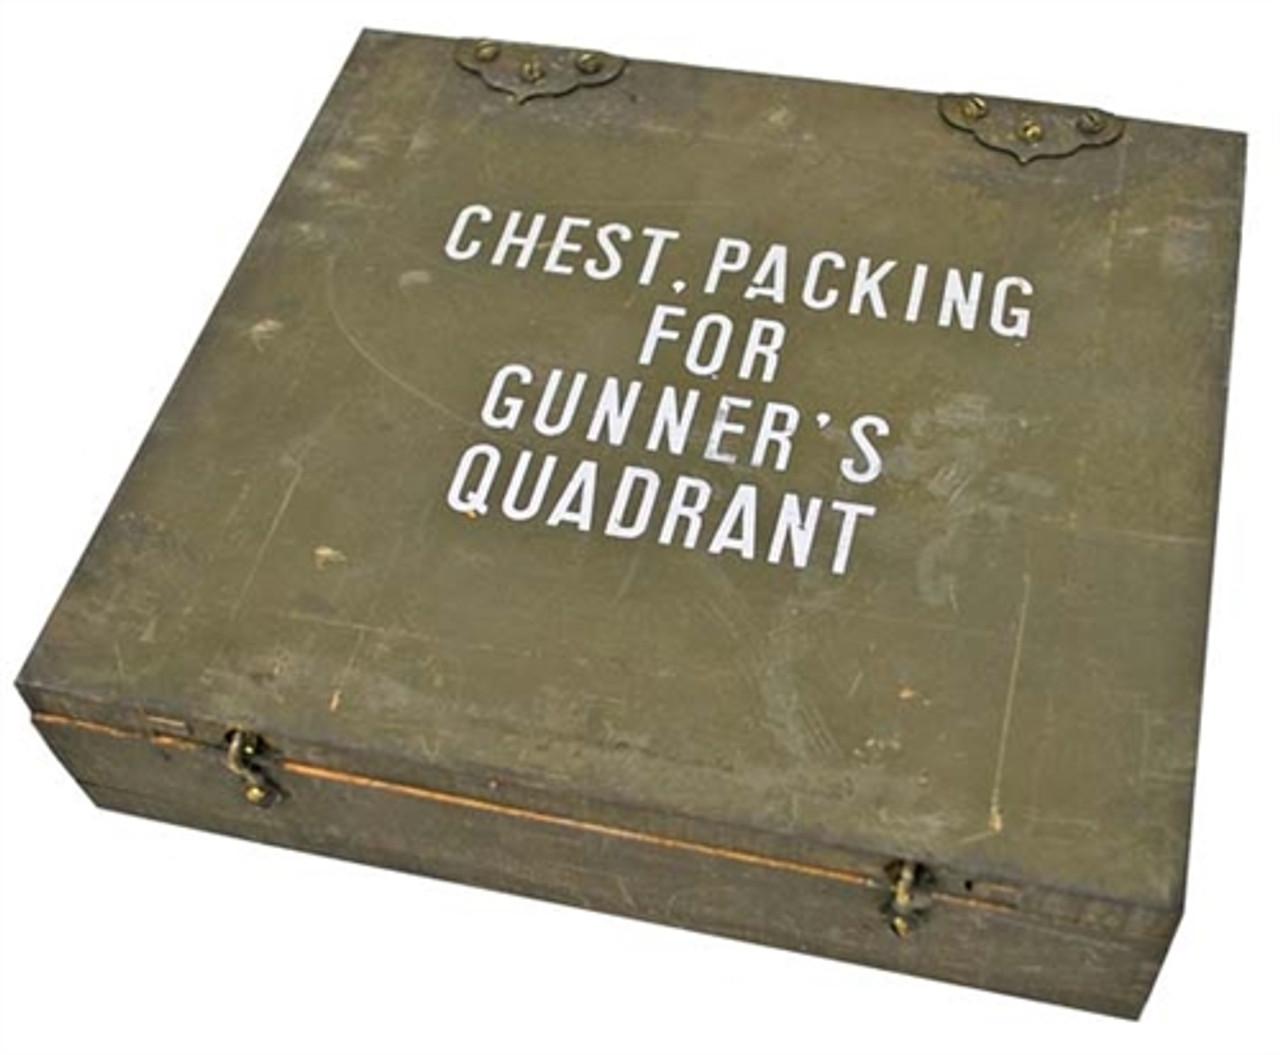 US GI Gunner's Quadrant Wooden Box - USED